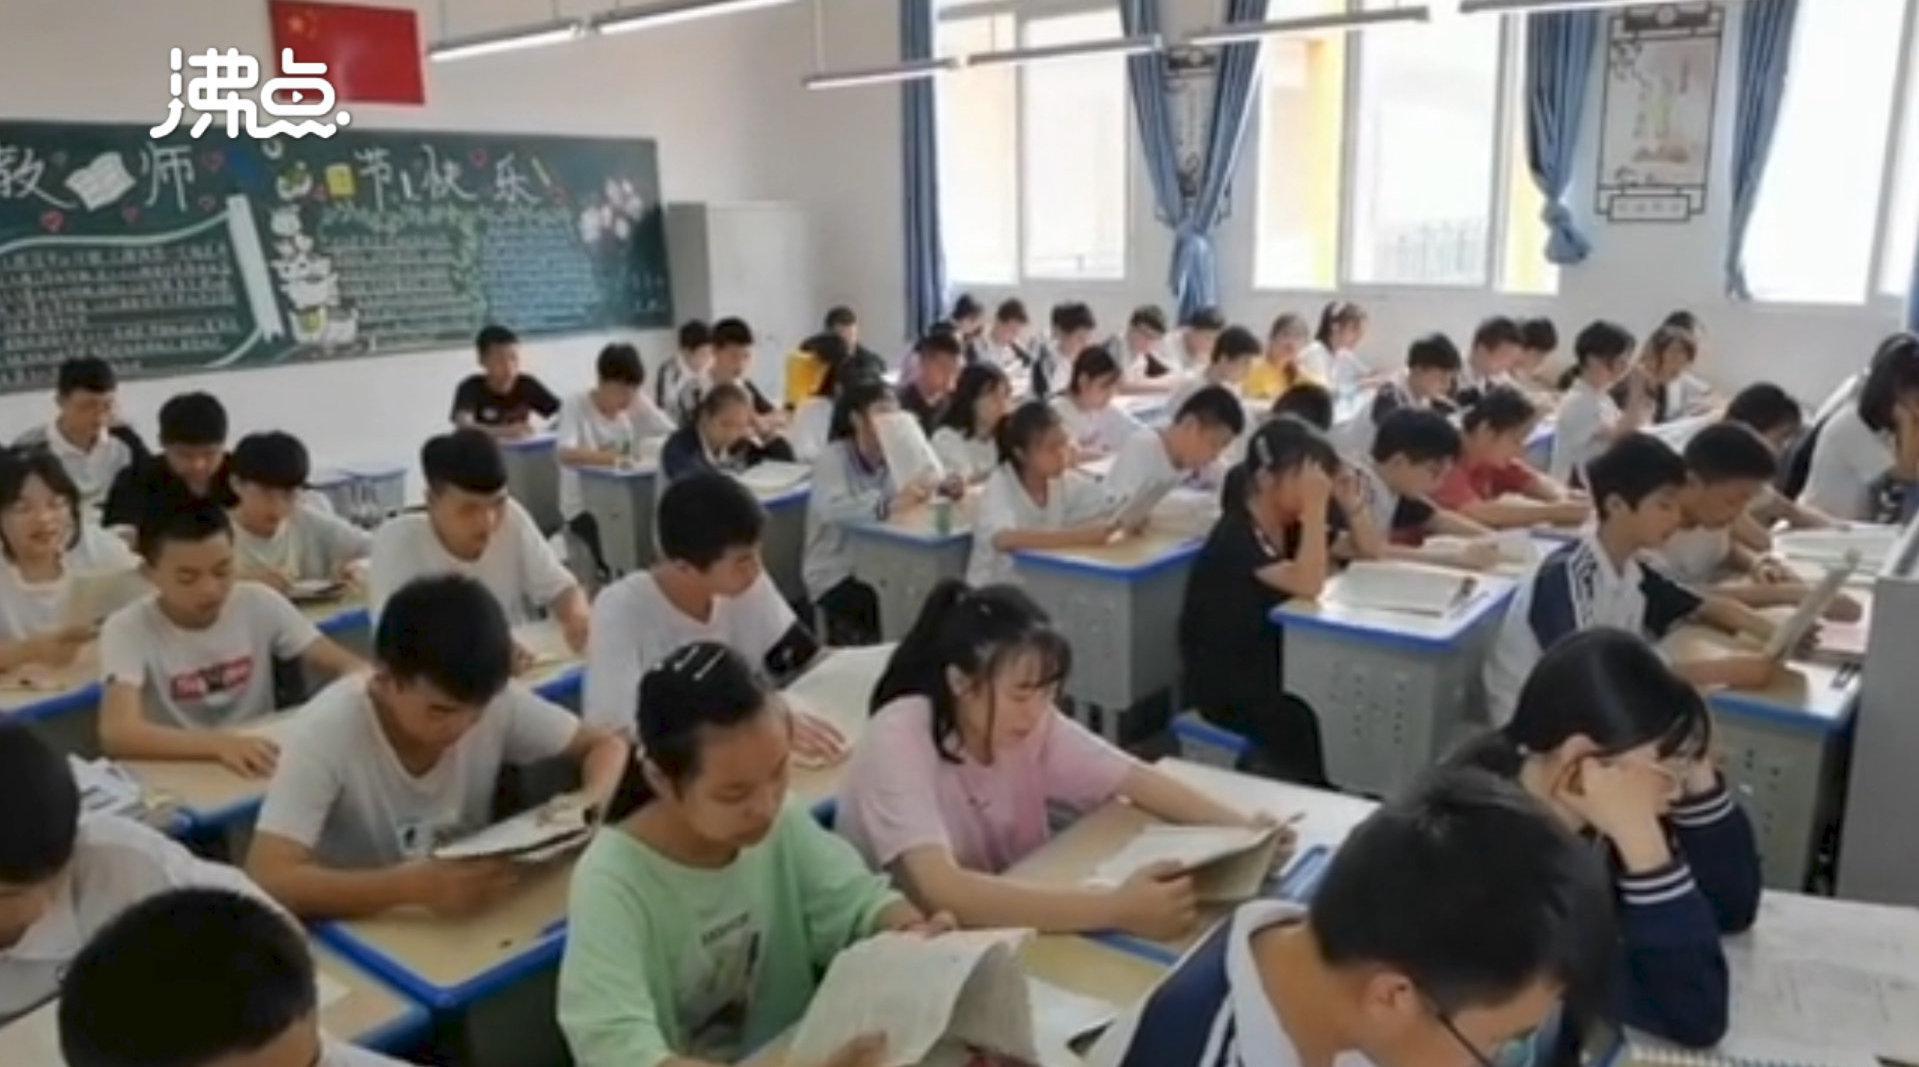 四川一中学班上62名学生全是班干部 老师:让每个人都参与班级管理